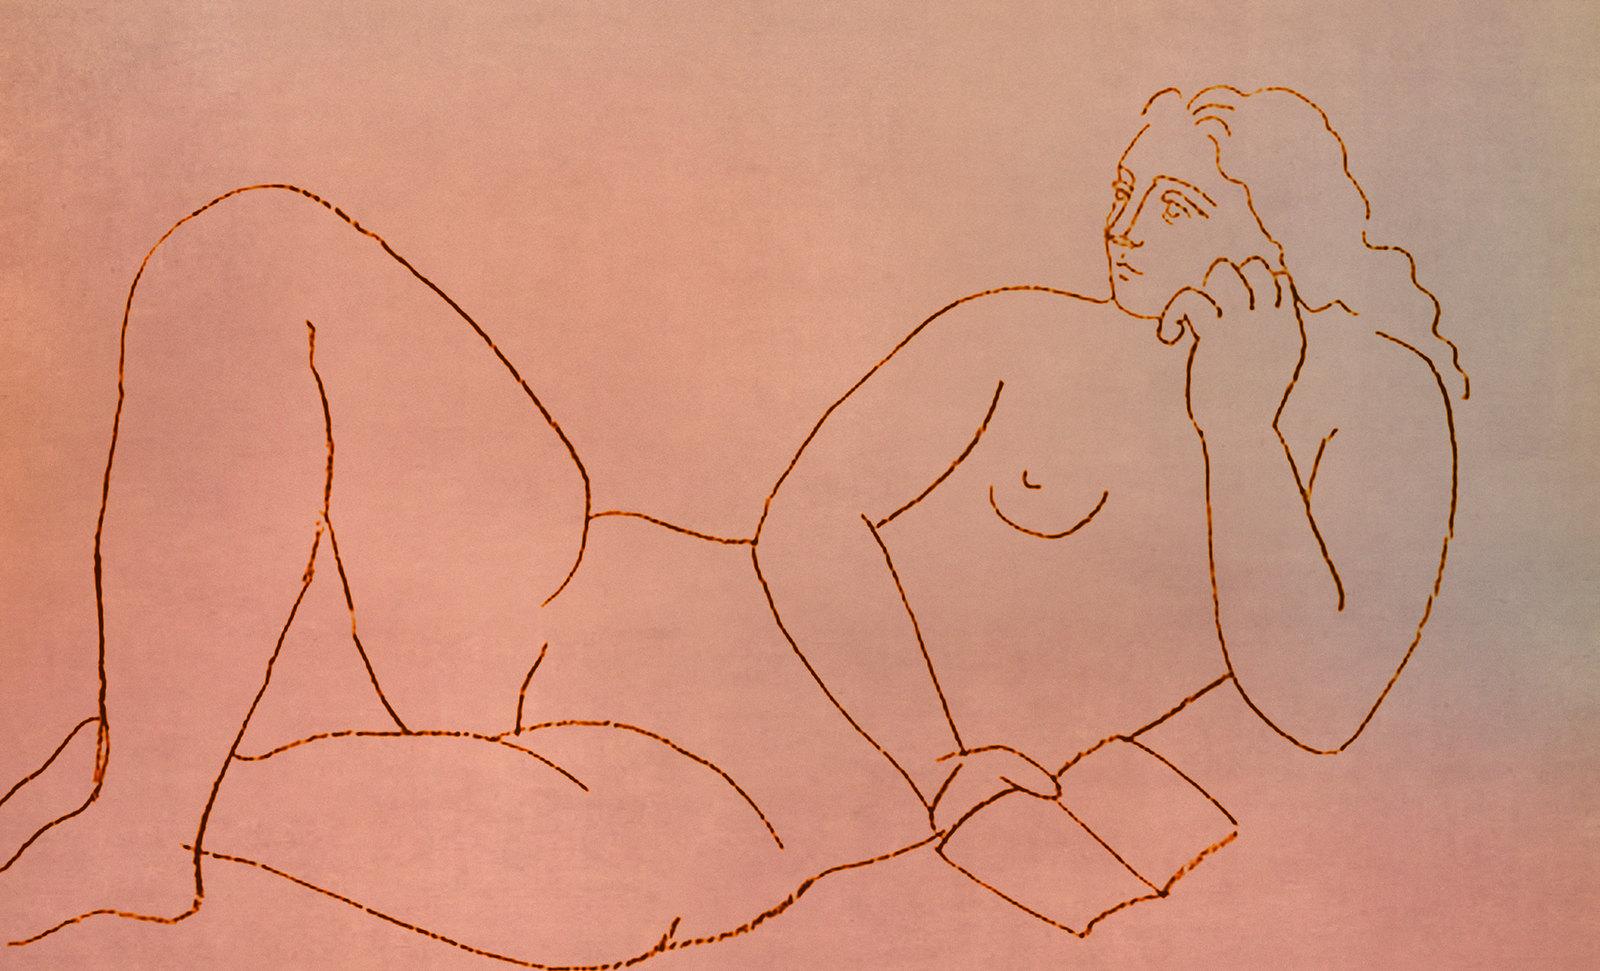 066Pablo Picasso